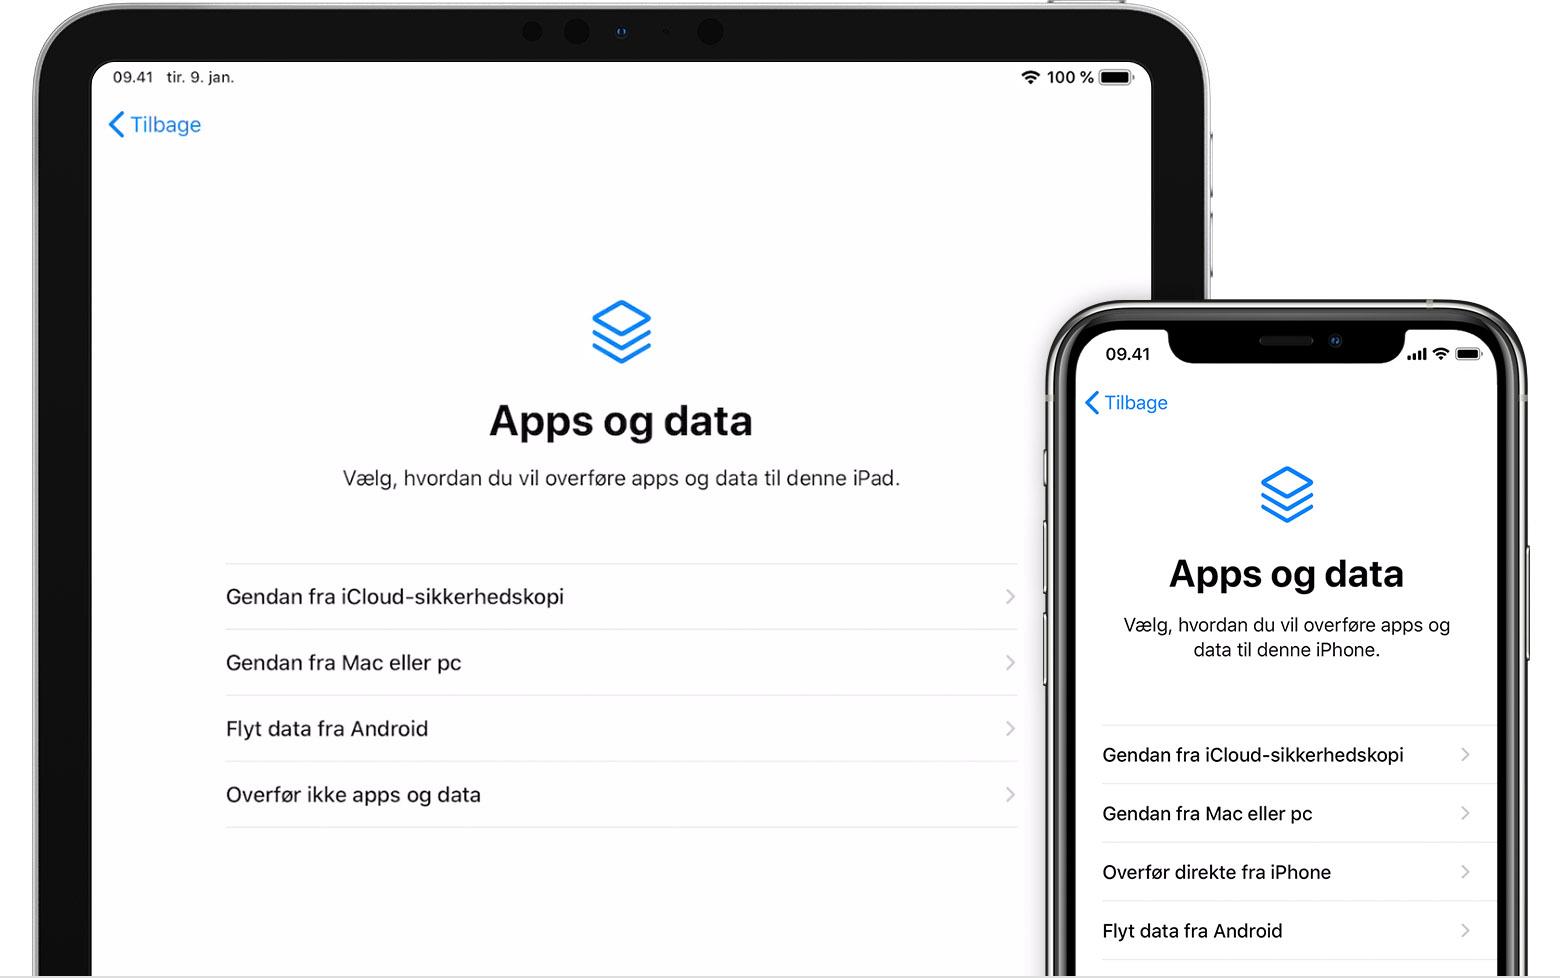 Om Sikkerhedskopier Til Iphone Ipad Og Ipod Touch Apple Support